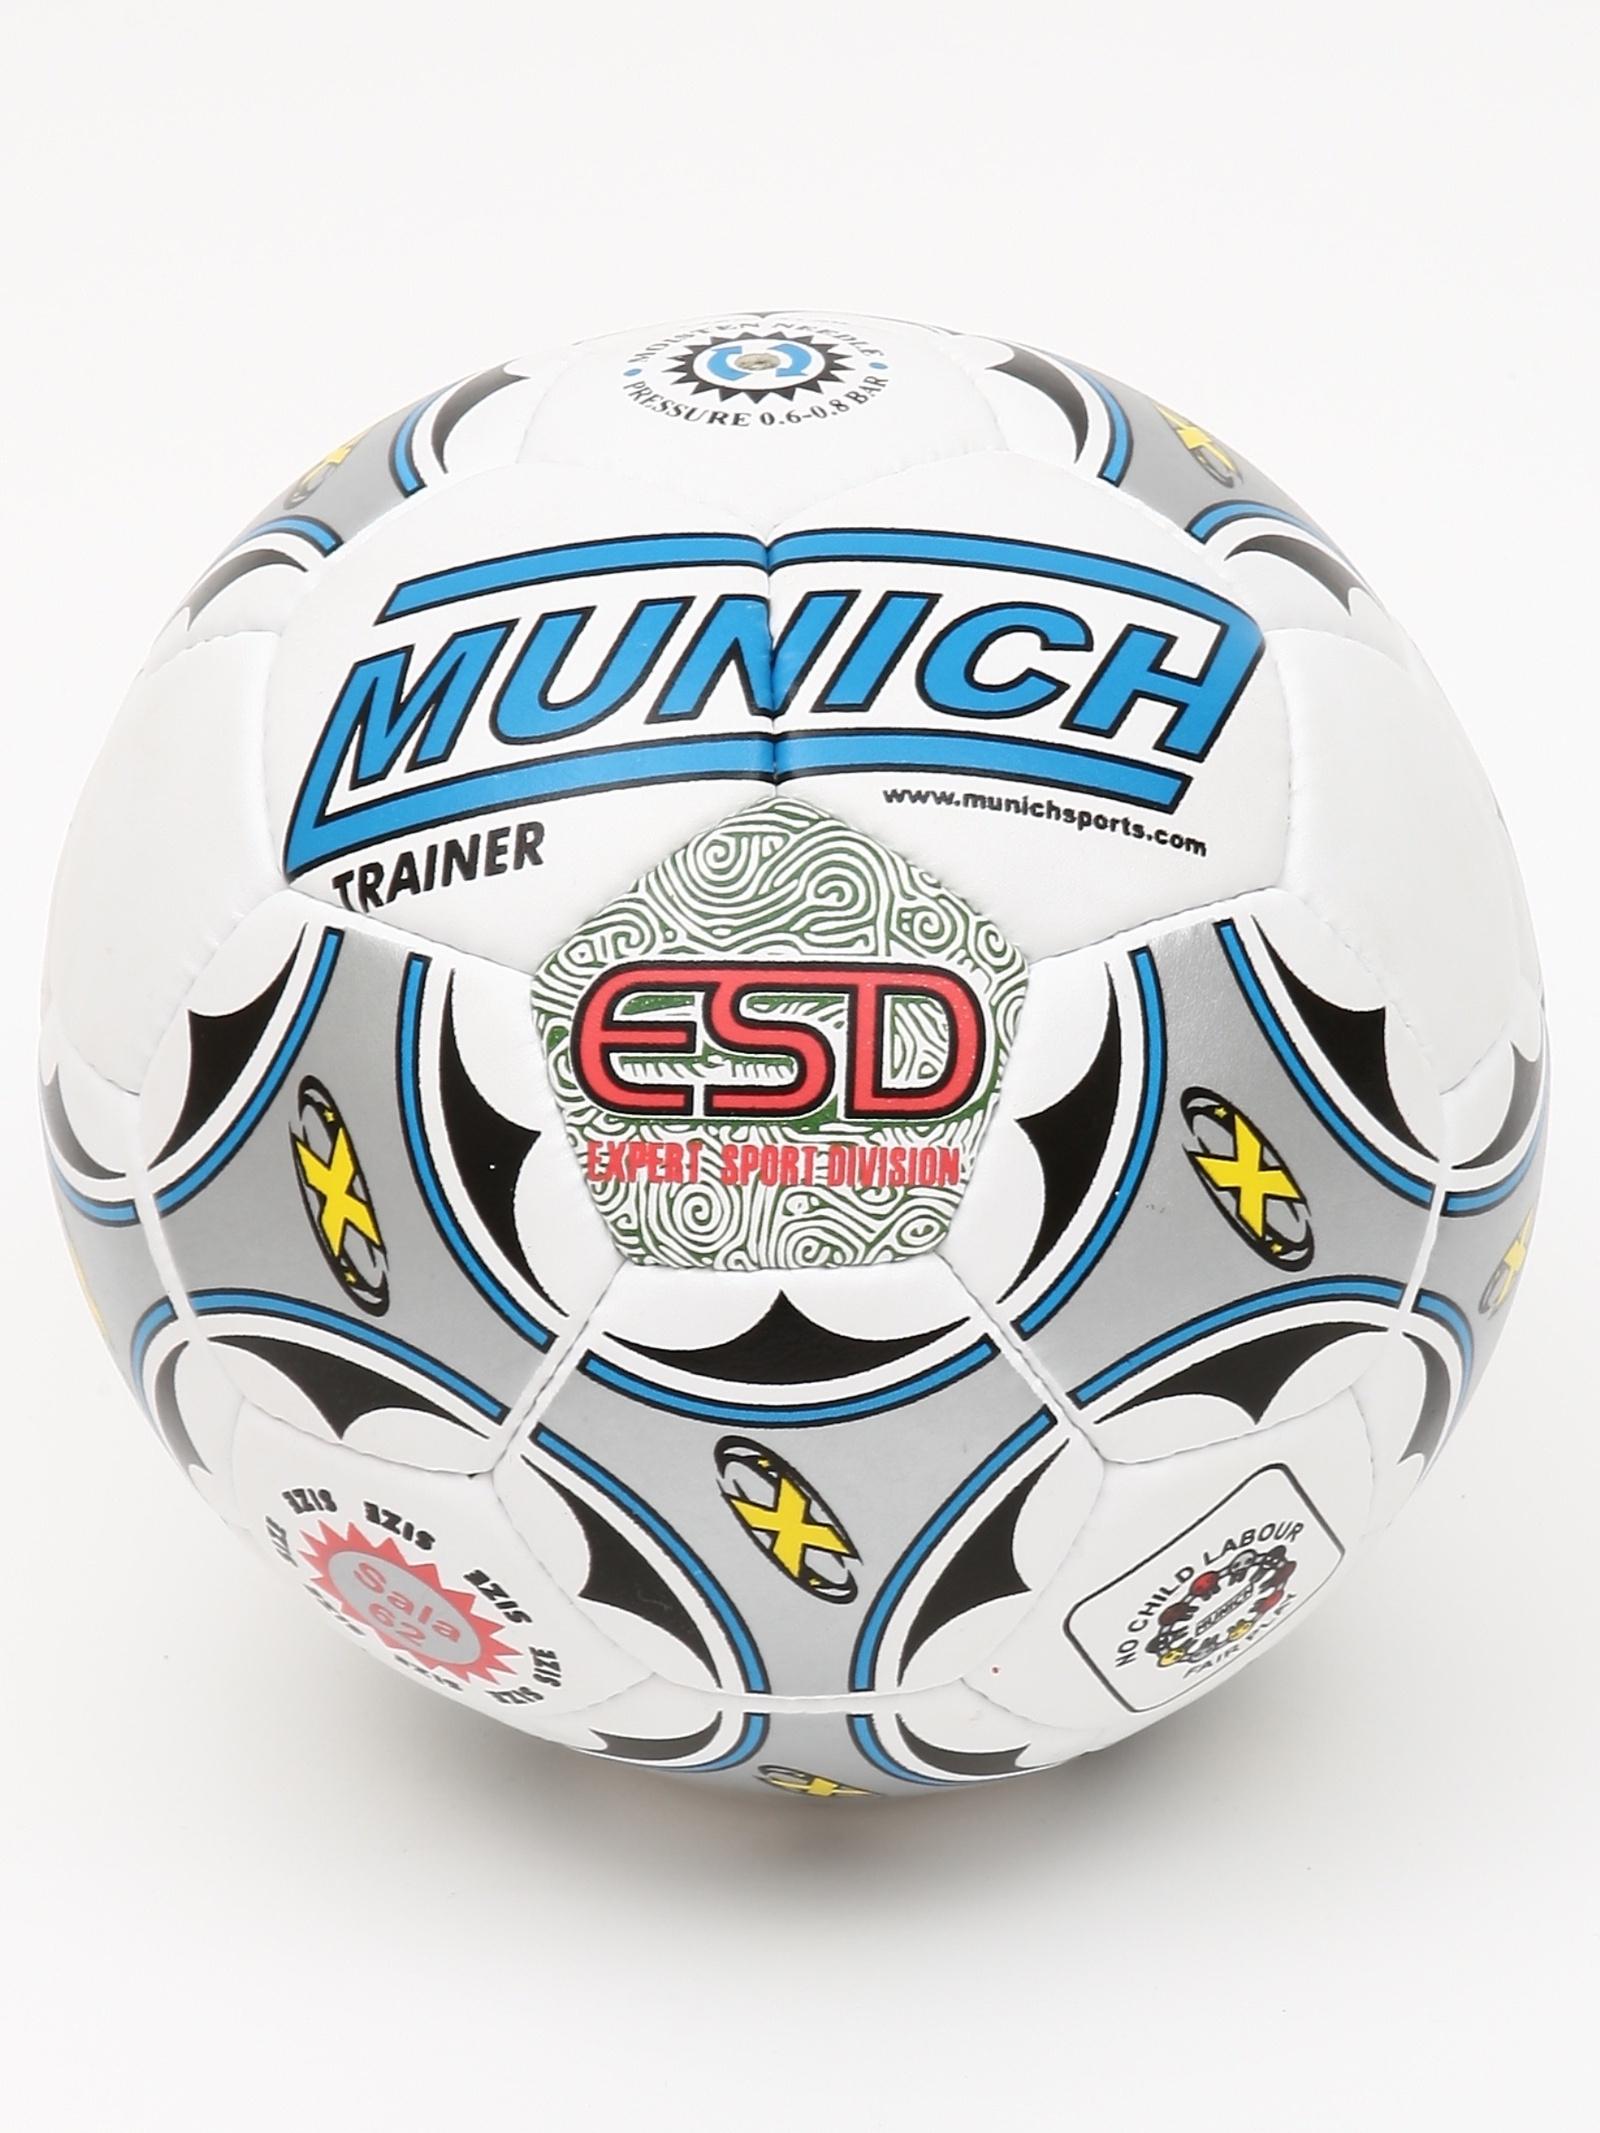 Мяч футбольный MUNICH Мяч для футзала TRAINER, белый мяч футбольный munich supra 5 5w 23692